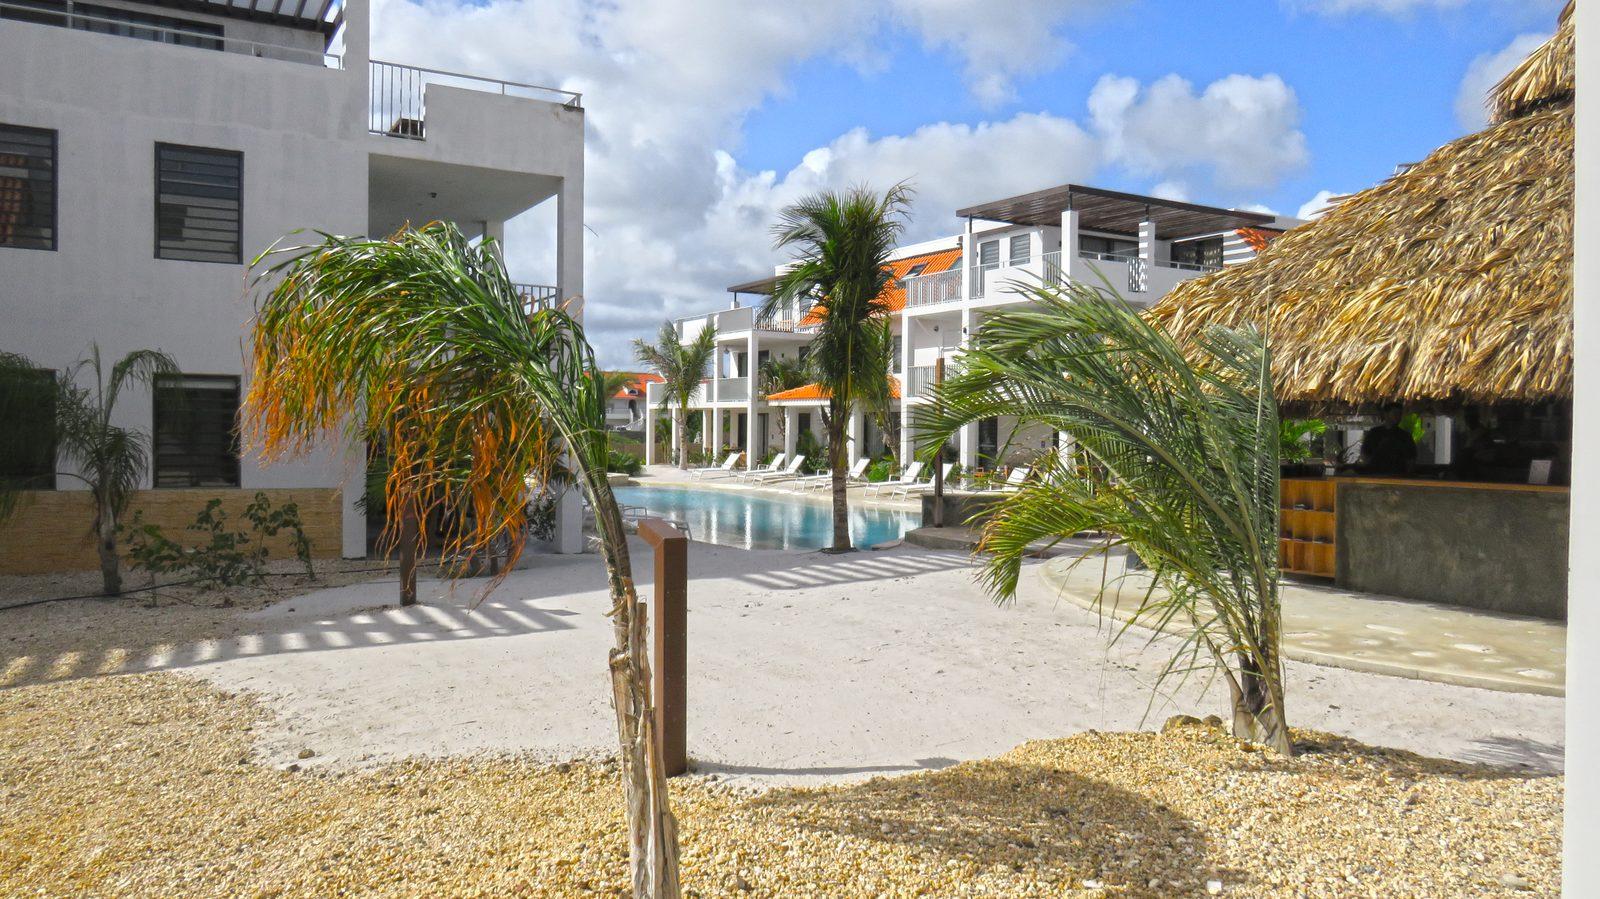 Vous recherchez un hébergement à Bonaire? Jetez un coup d'œil aux logements disponibles dans notre complexe. Des appartements luxueux, adaptés aux familles avec enfants et équipés d'un grand confort pour votre plus grand plaisir!